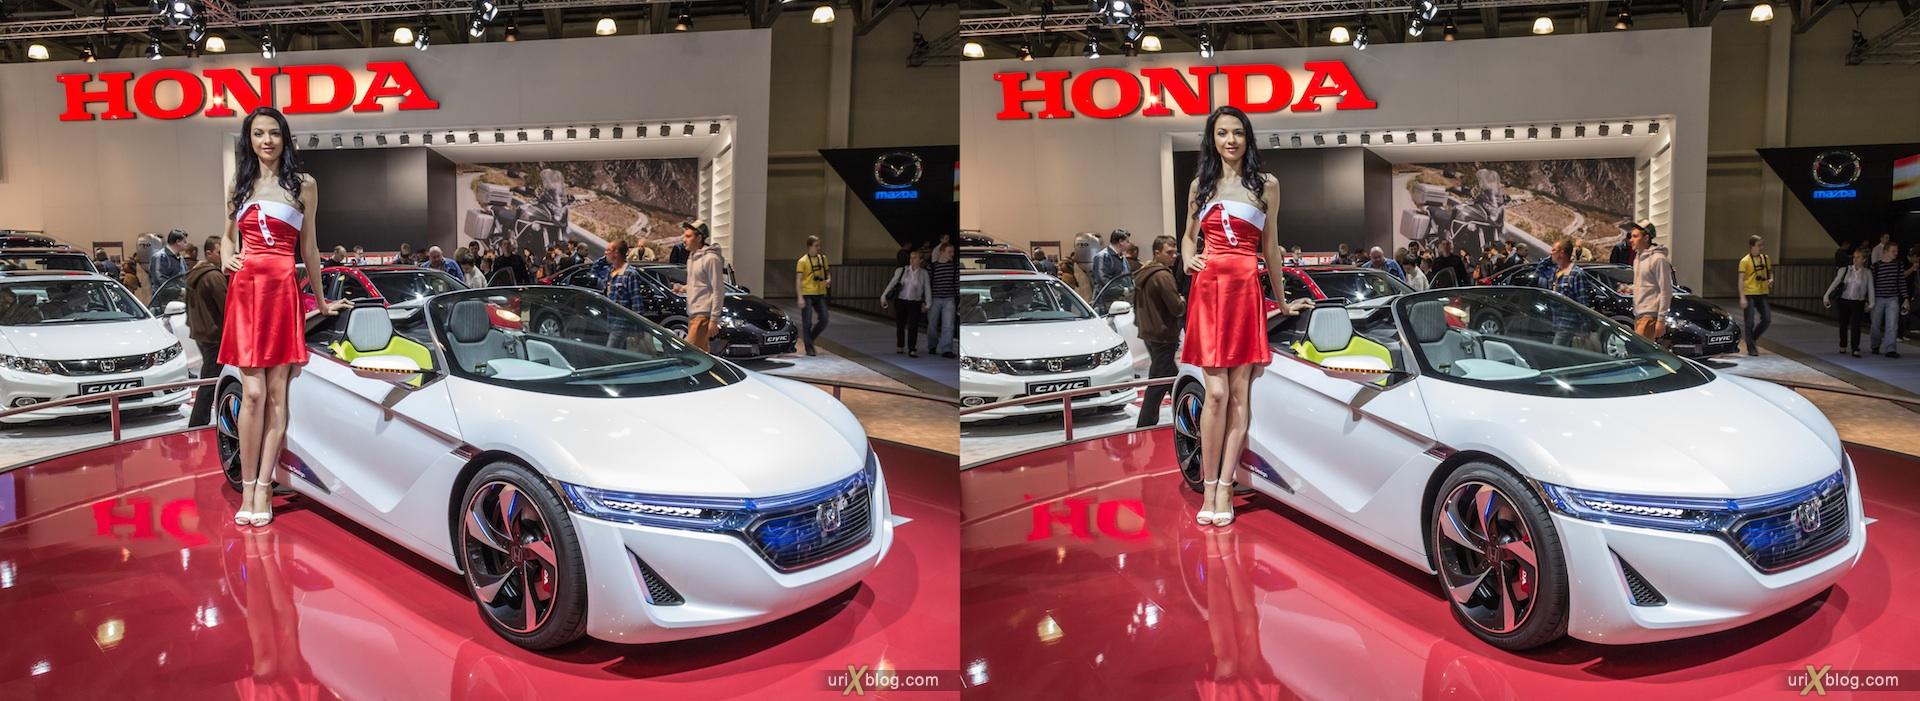 2012, Honda, Moscow International Automobile Salon, девушка, модель, girl, model, auto show, Московский международный автомобильный салон, ММАС, Крокус Экспо, 3D, стерео, стереопара